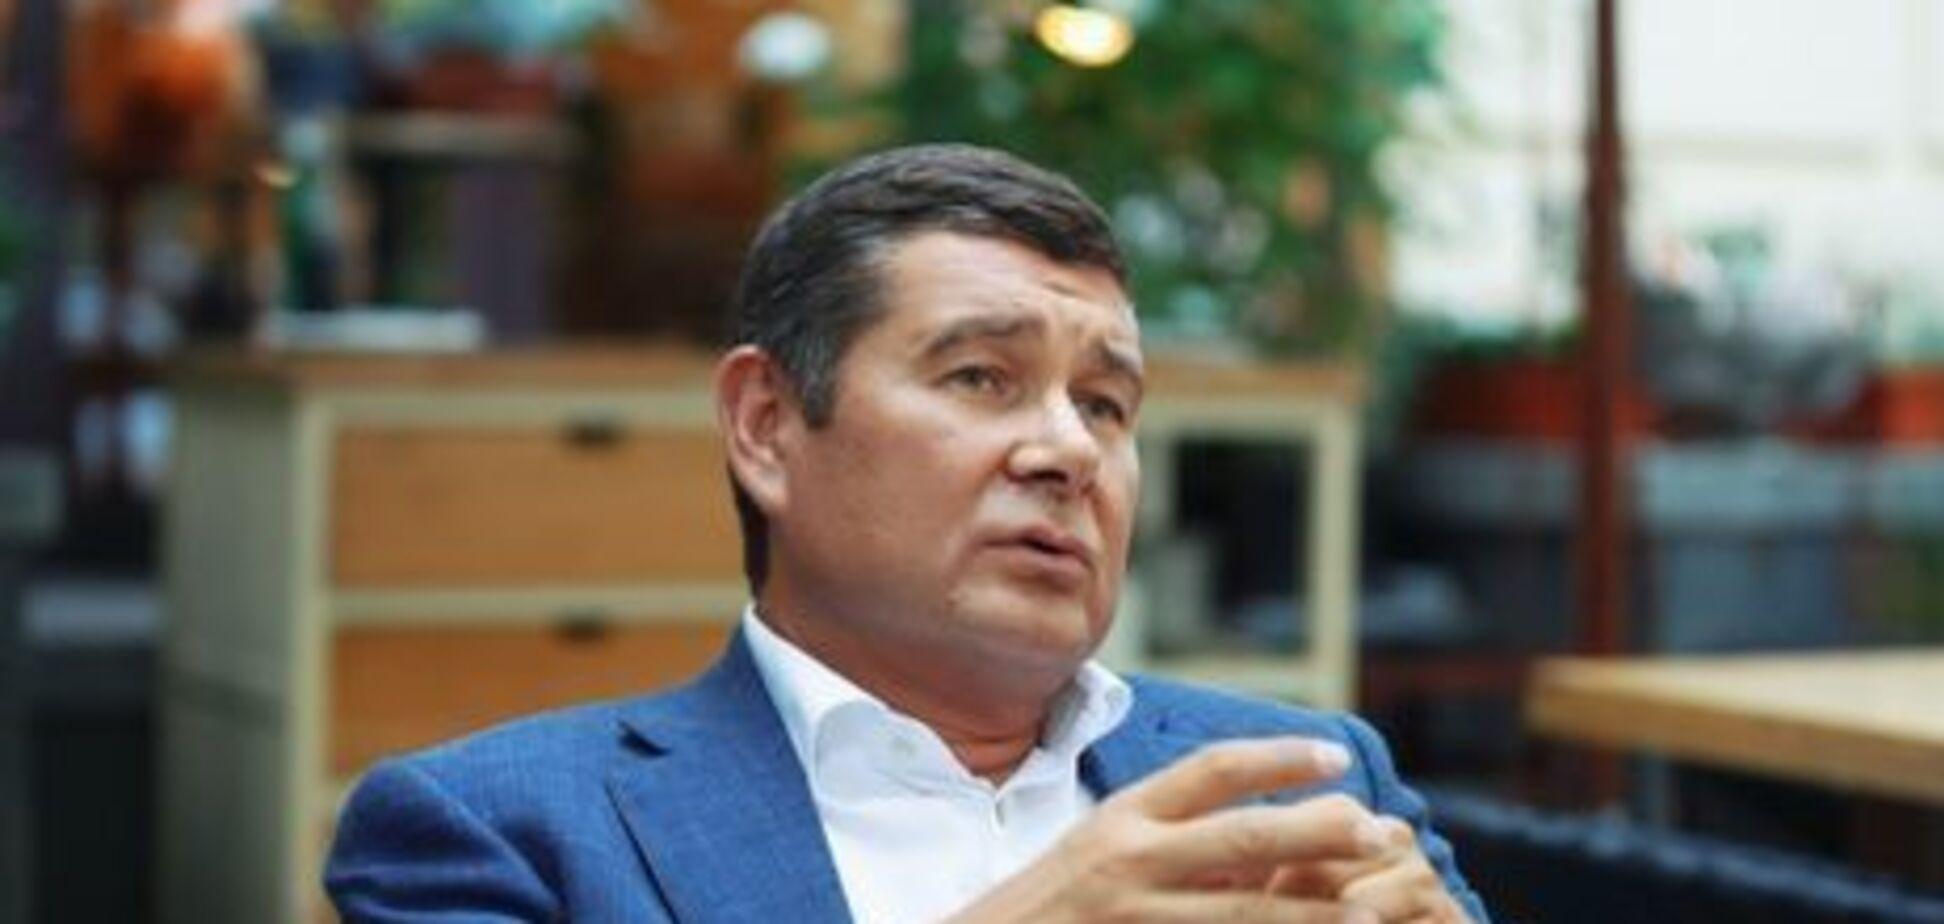 'Газовое дело': задержан сообщник Онищенко, скрывавшийся больше года